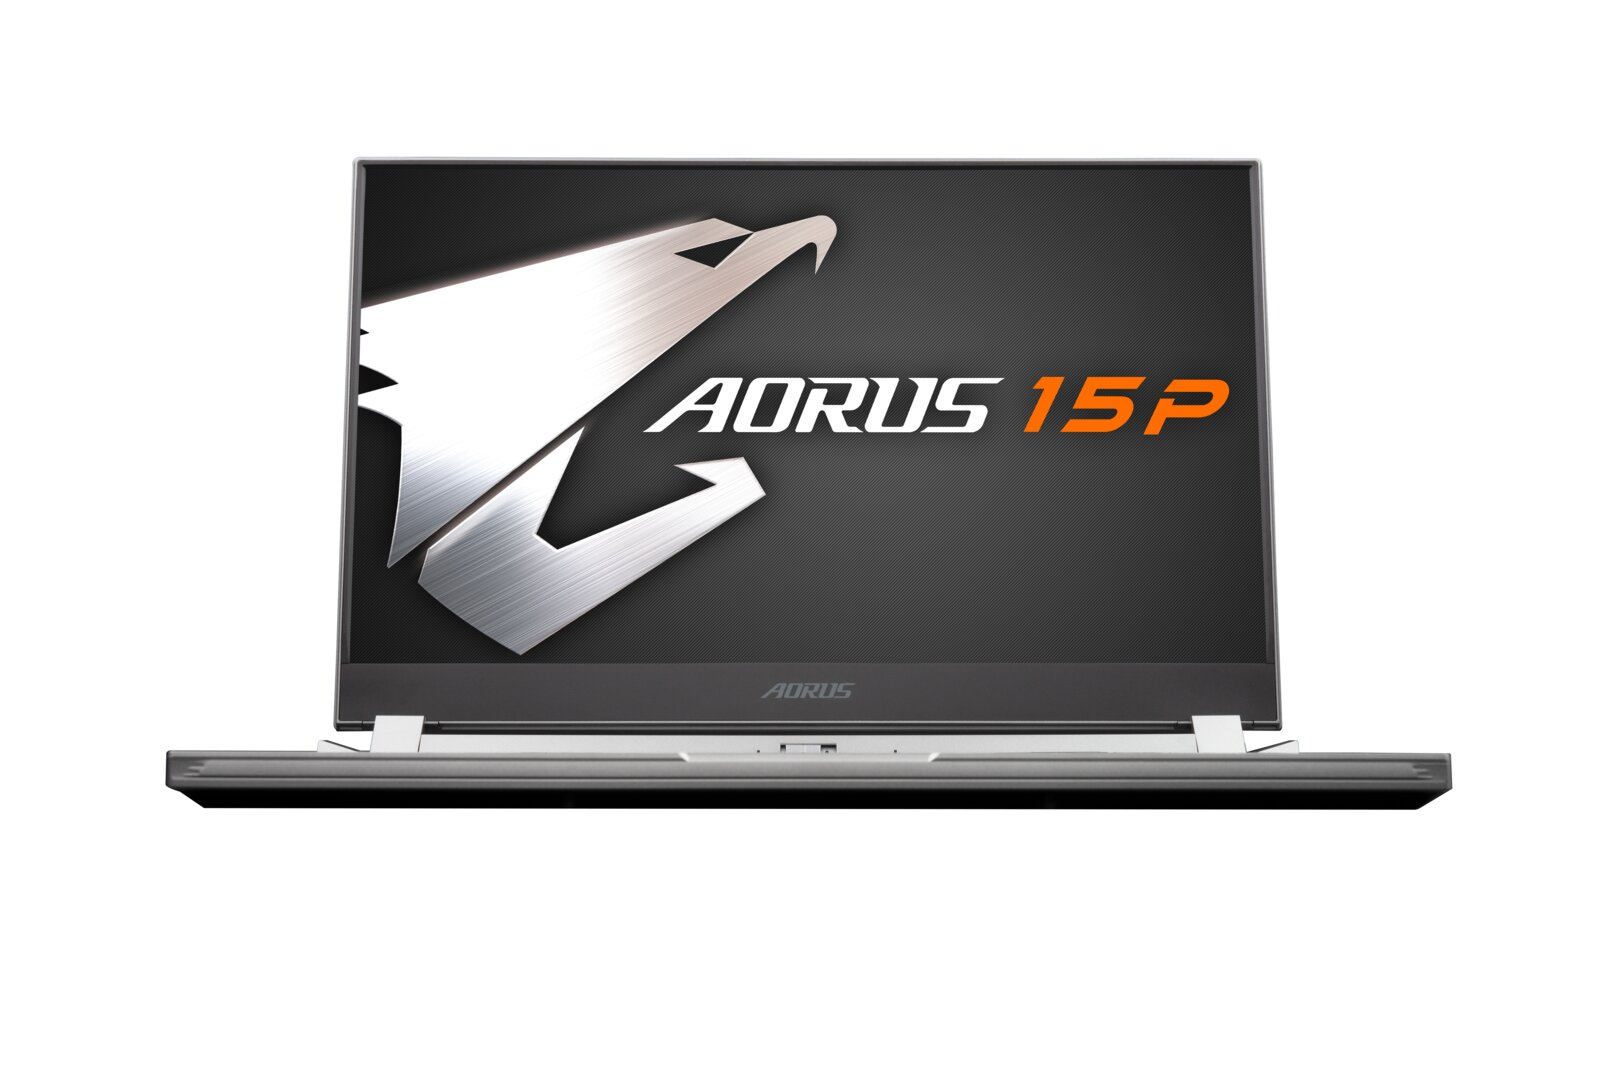 Gigabyte Aorus 15P